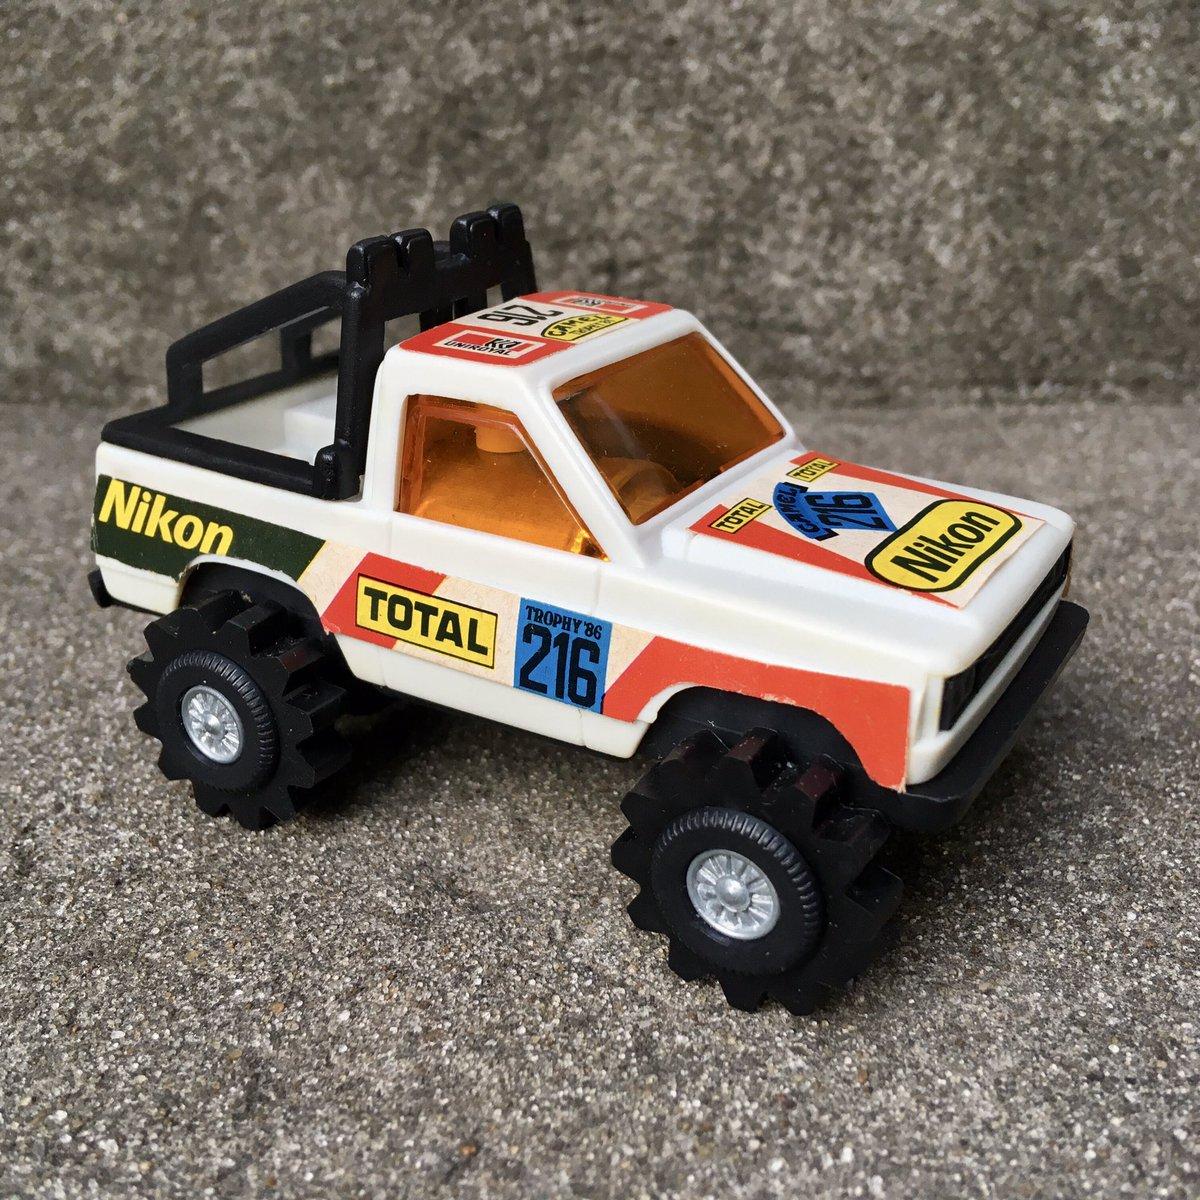 Telahagocomoquieras On Twitter Camioneta 4x4 Y Multiruedas 12x12 Galgo Juguetes Retro Nostalgia Galgo4x4 4x4 Galgo12x12 12x12 Galgo Juguete Toy Toys Multiruedas12x12 Multiruedasgalgo Multiruedas Https T Co Afpq7ffgb5